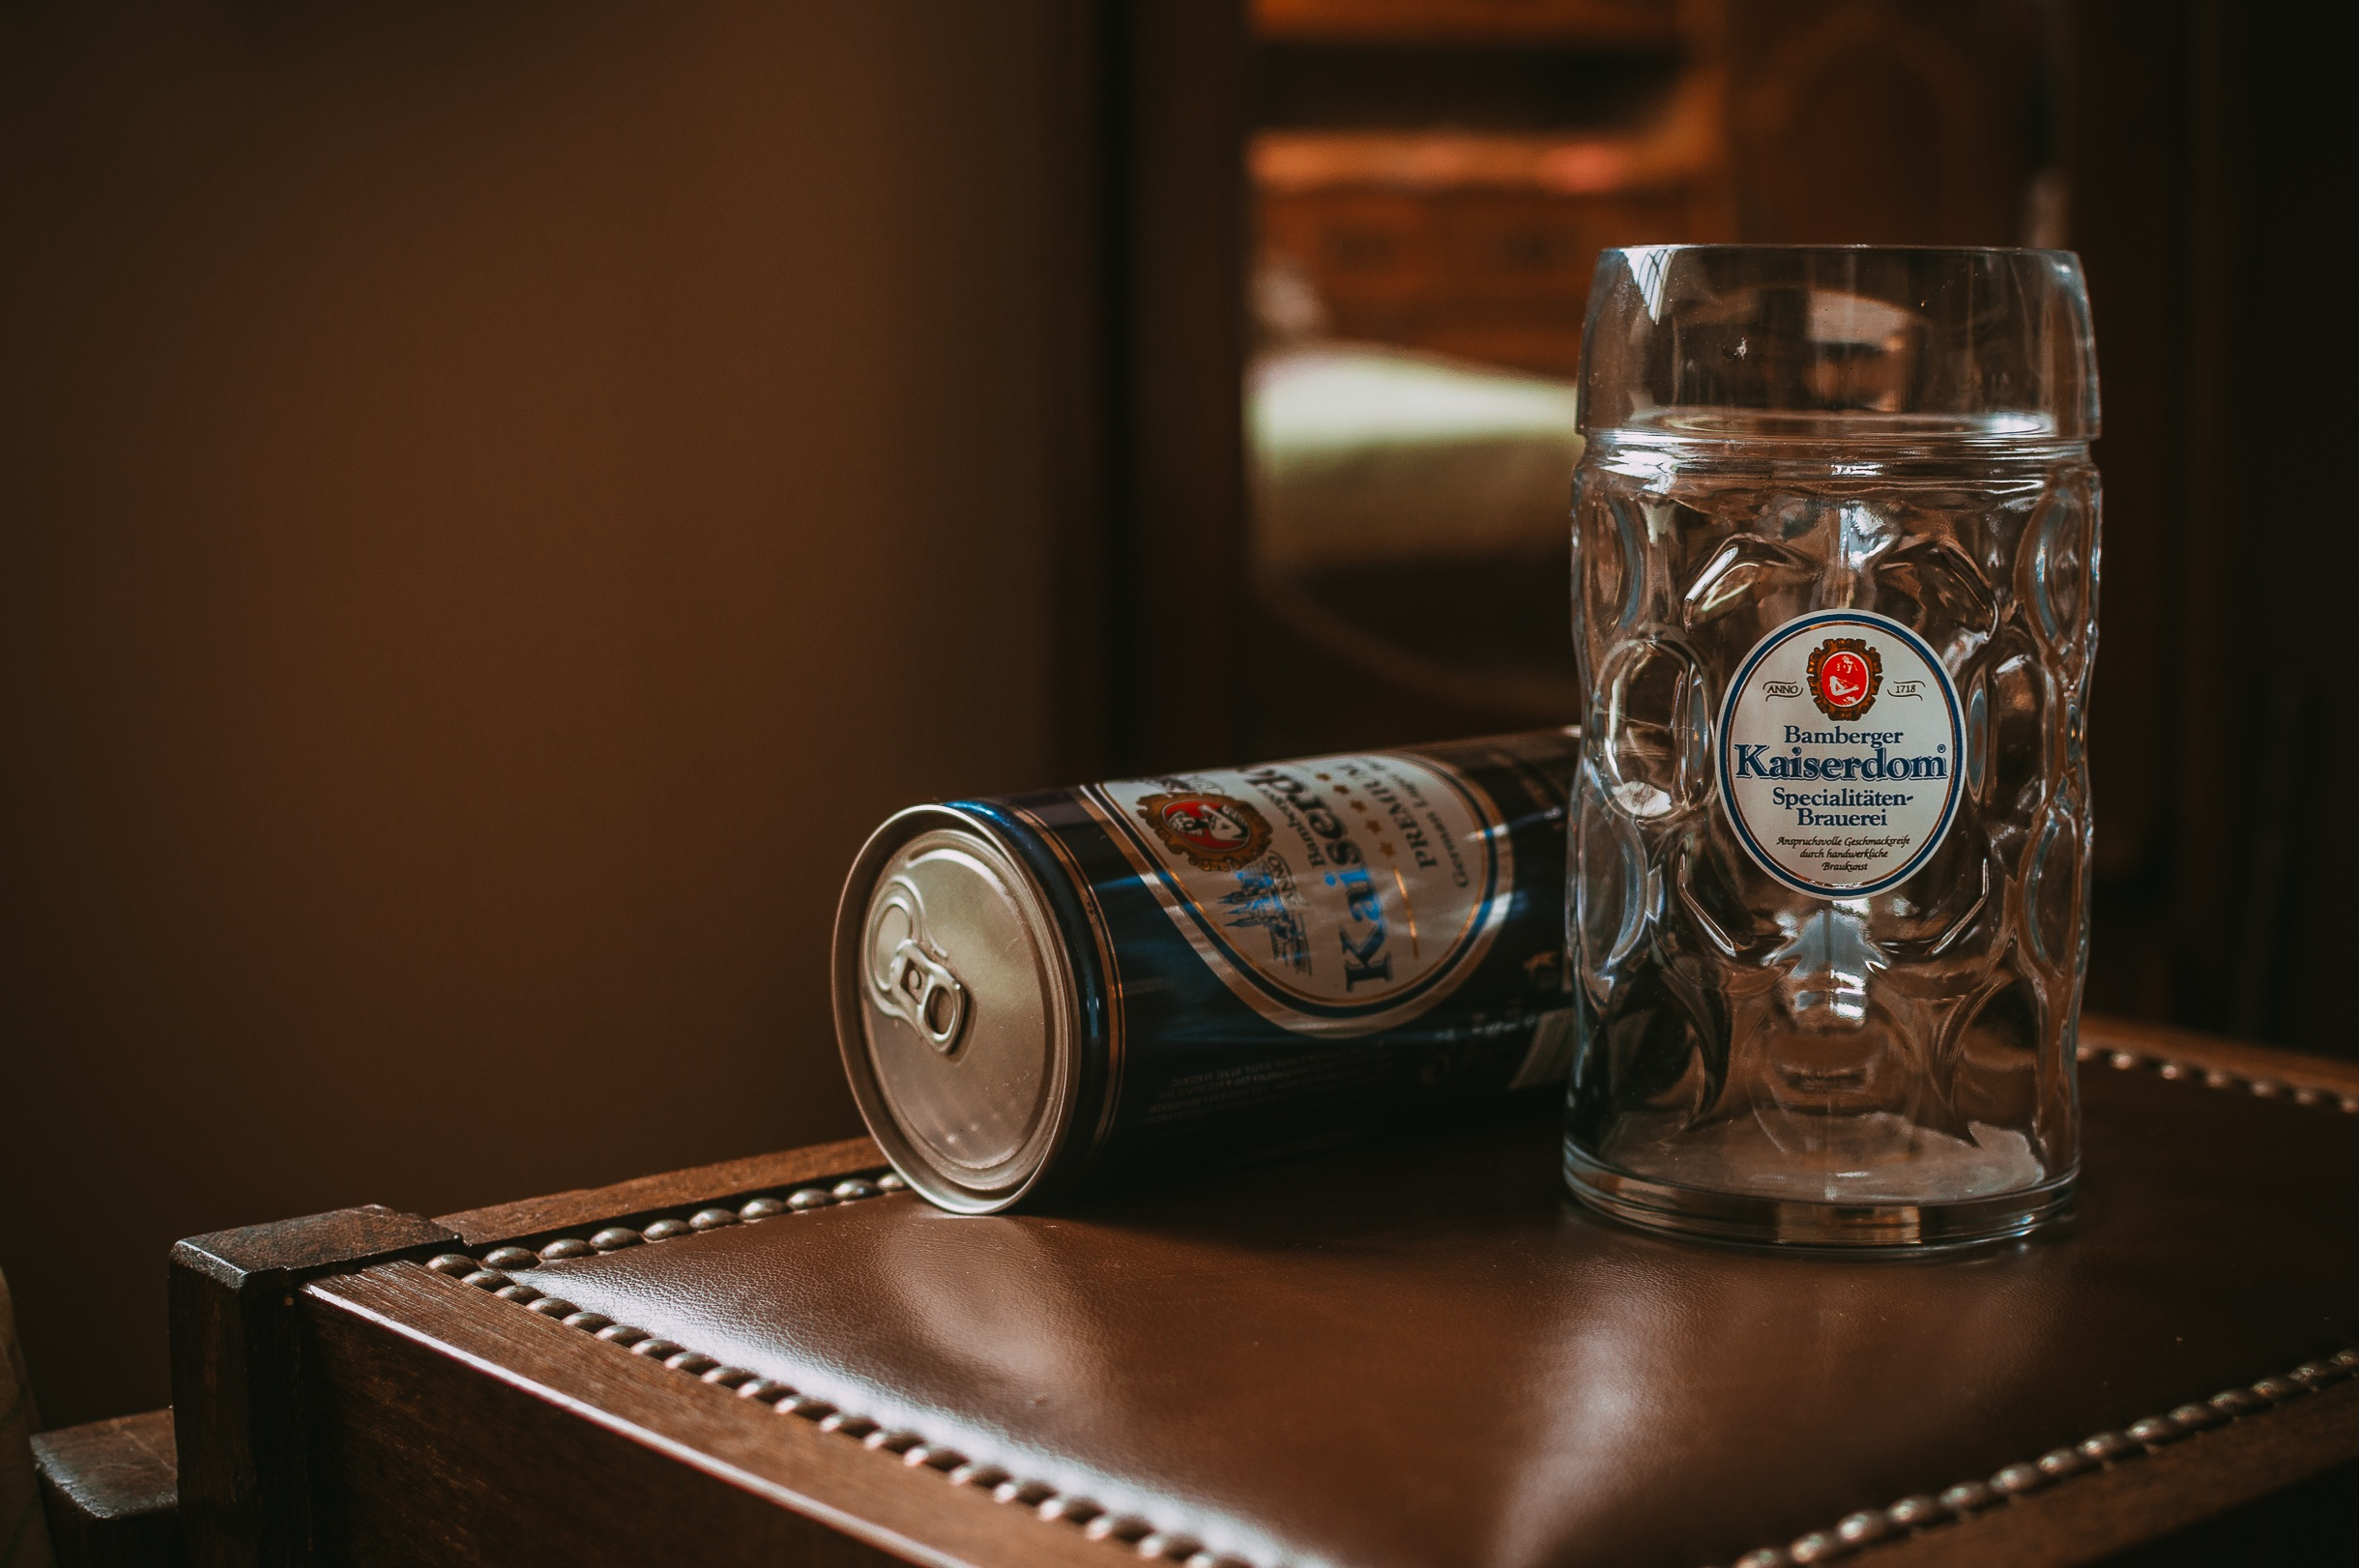 Beer Mug And Can Of Kaiserdom German Beer Hd Wallpaper